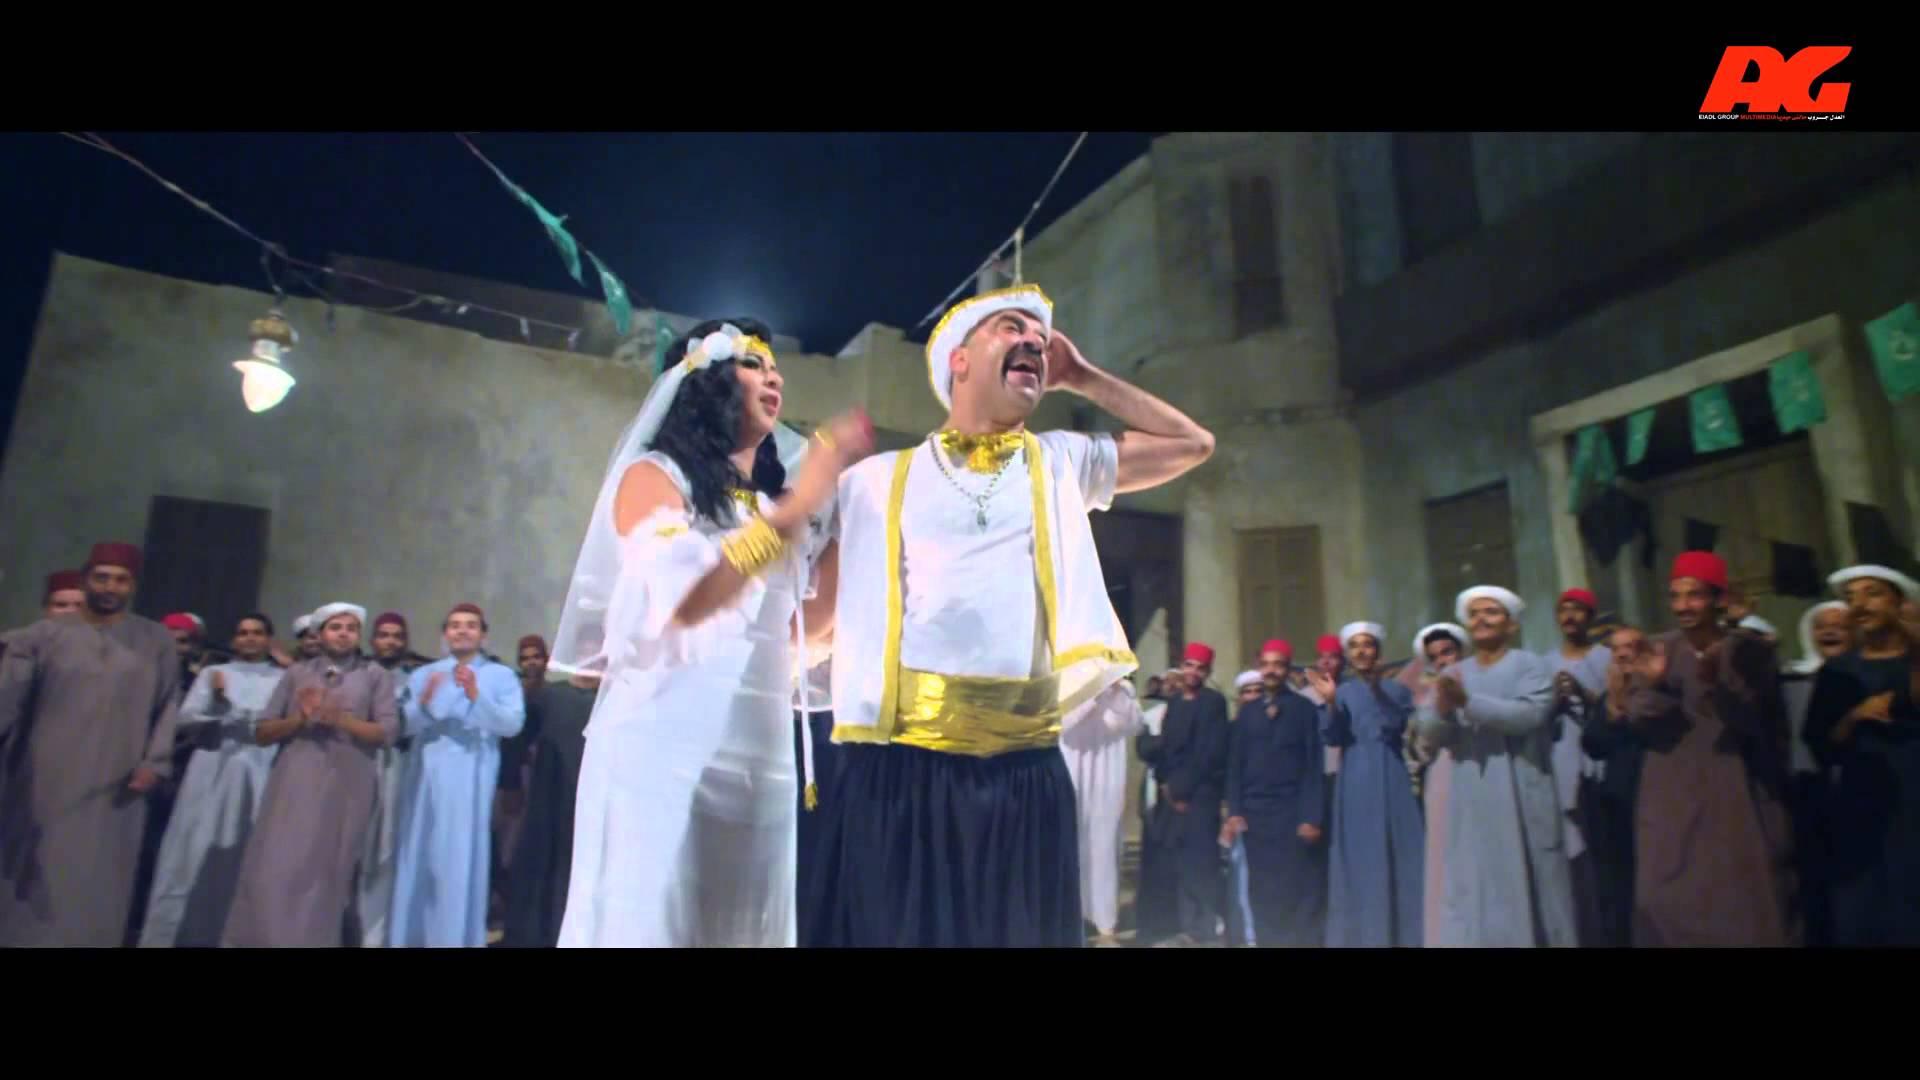 صوره اغنية فرحة اللمبي من مسلسل فيفا اطاطا